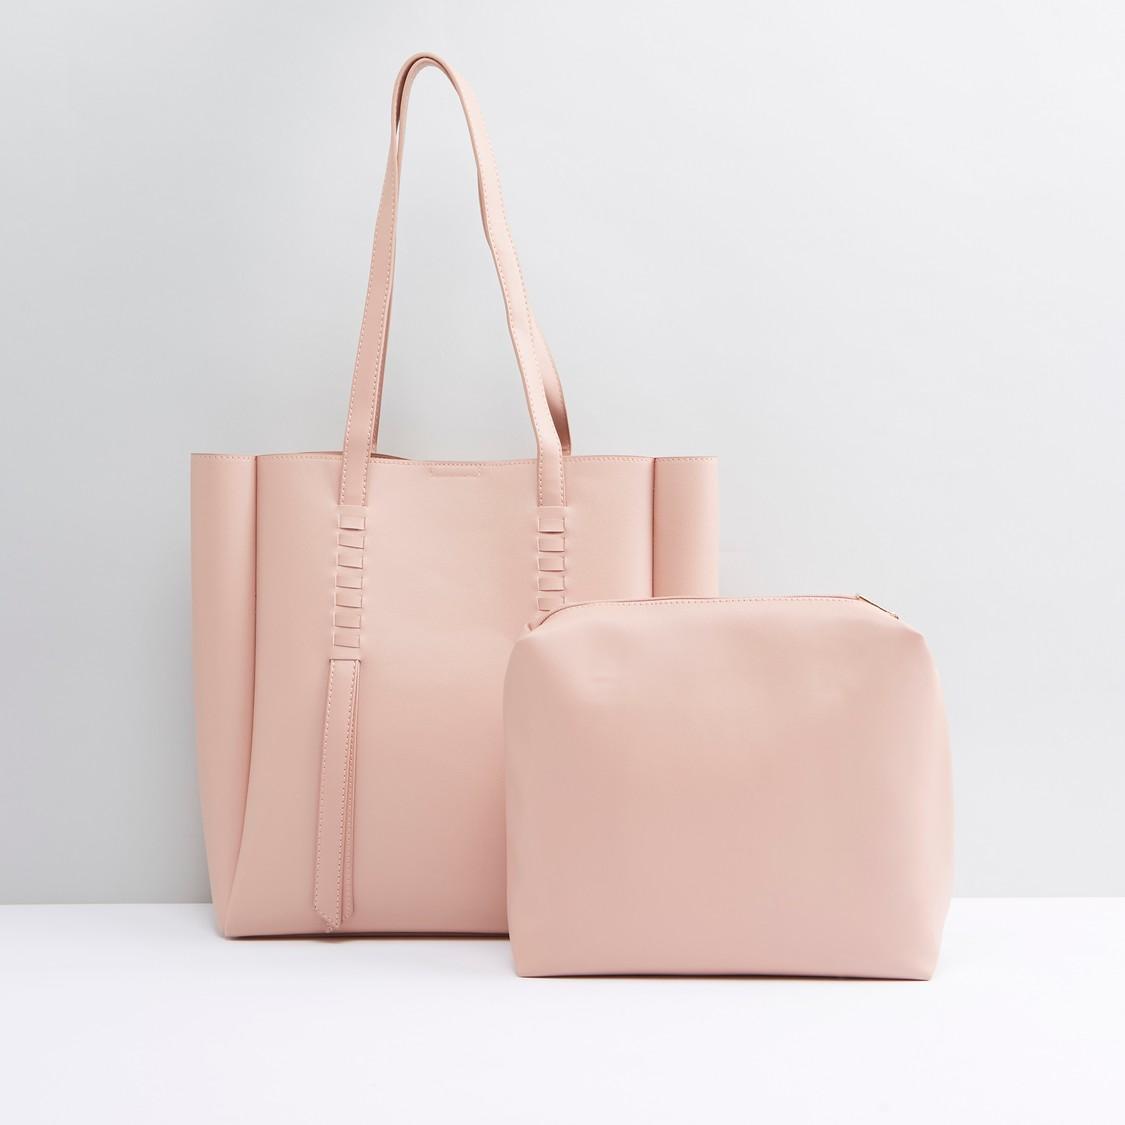 حقيبة توتي بمقابض حمّالات مزدوجة مع حقيبة صغيرة